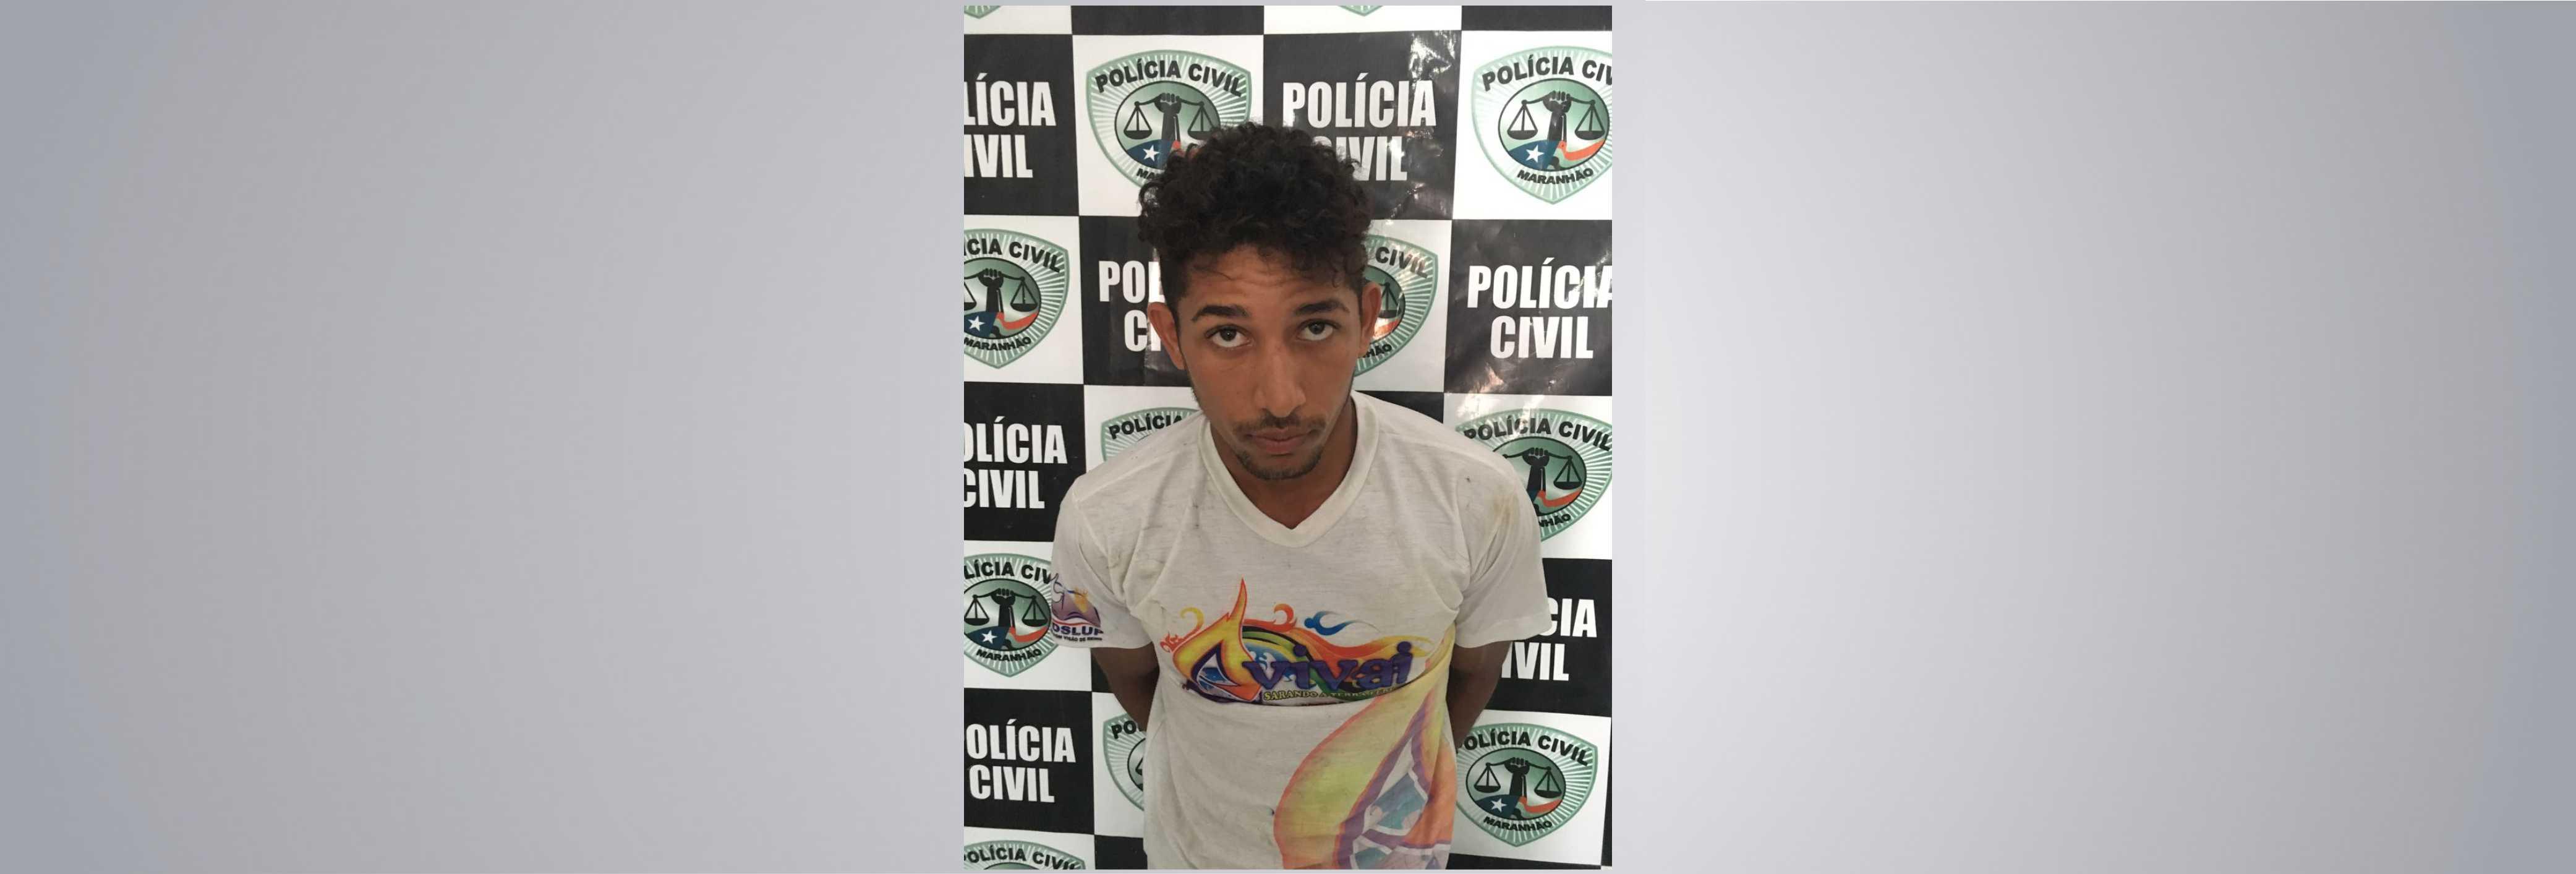 Polícia Civil recaptura foragido em Santa Luzia do Paruá